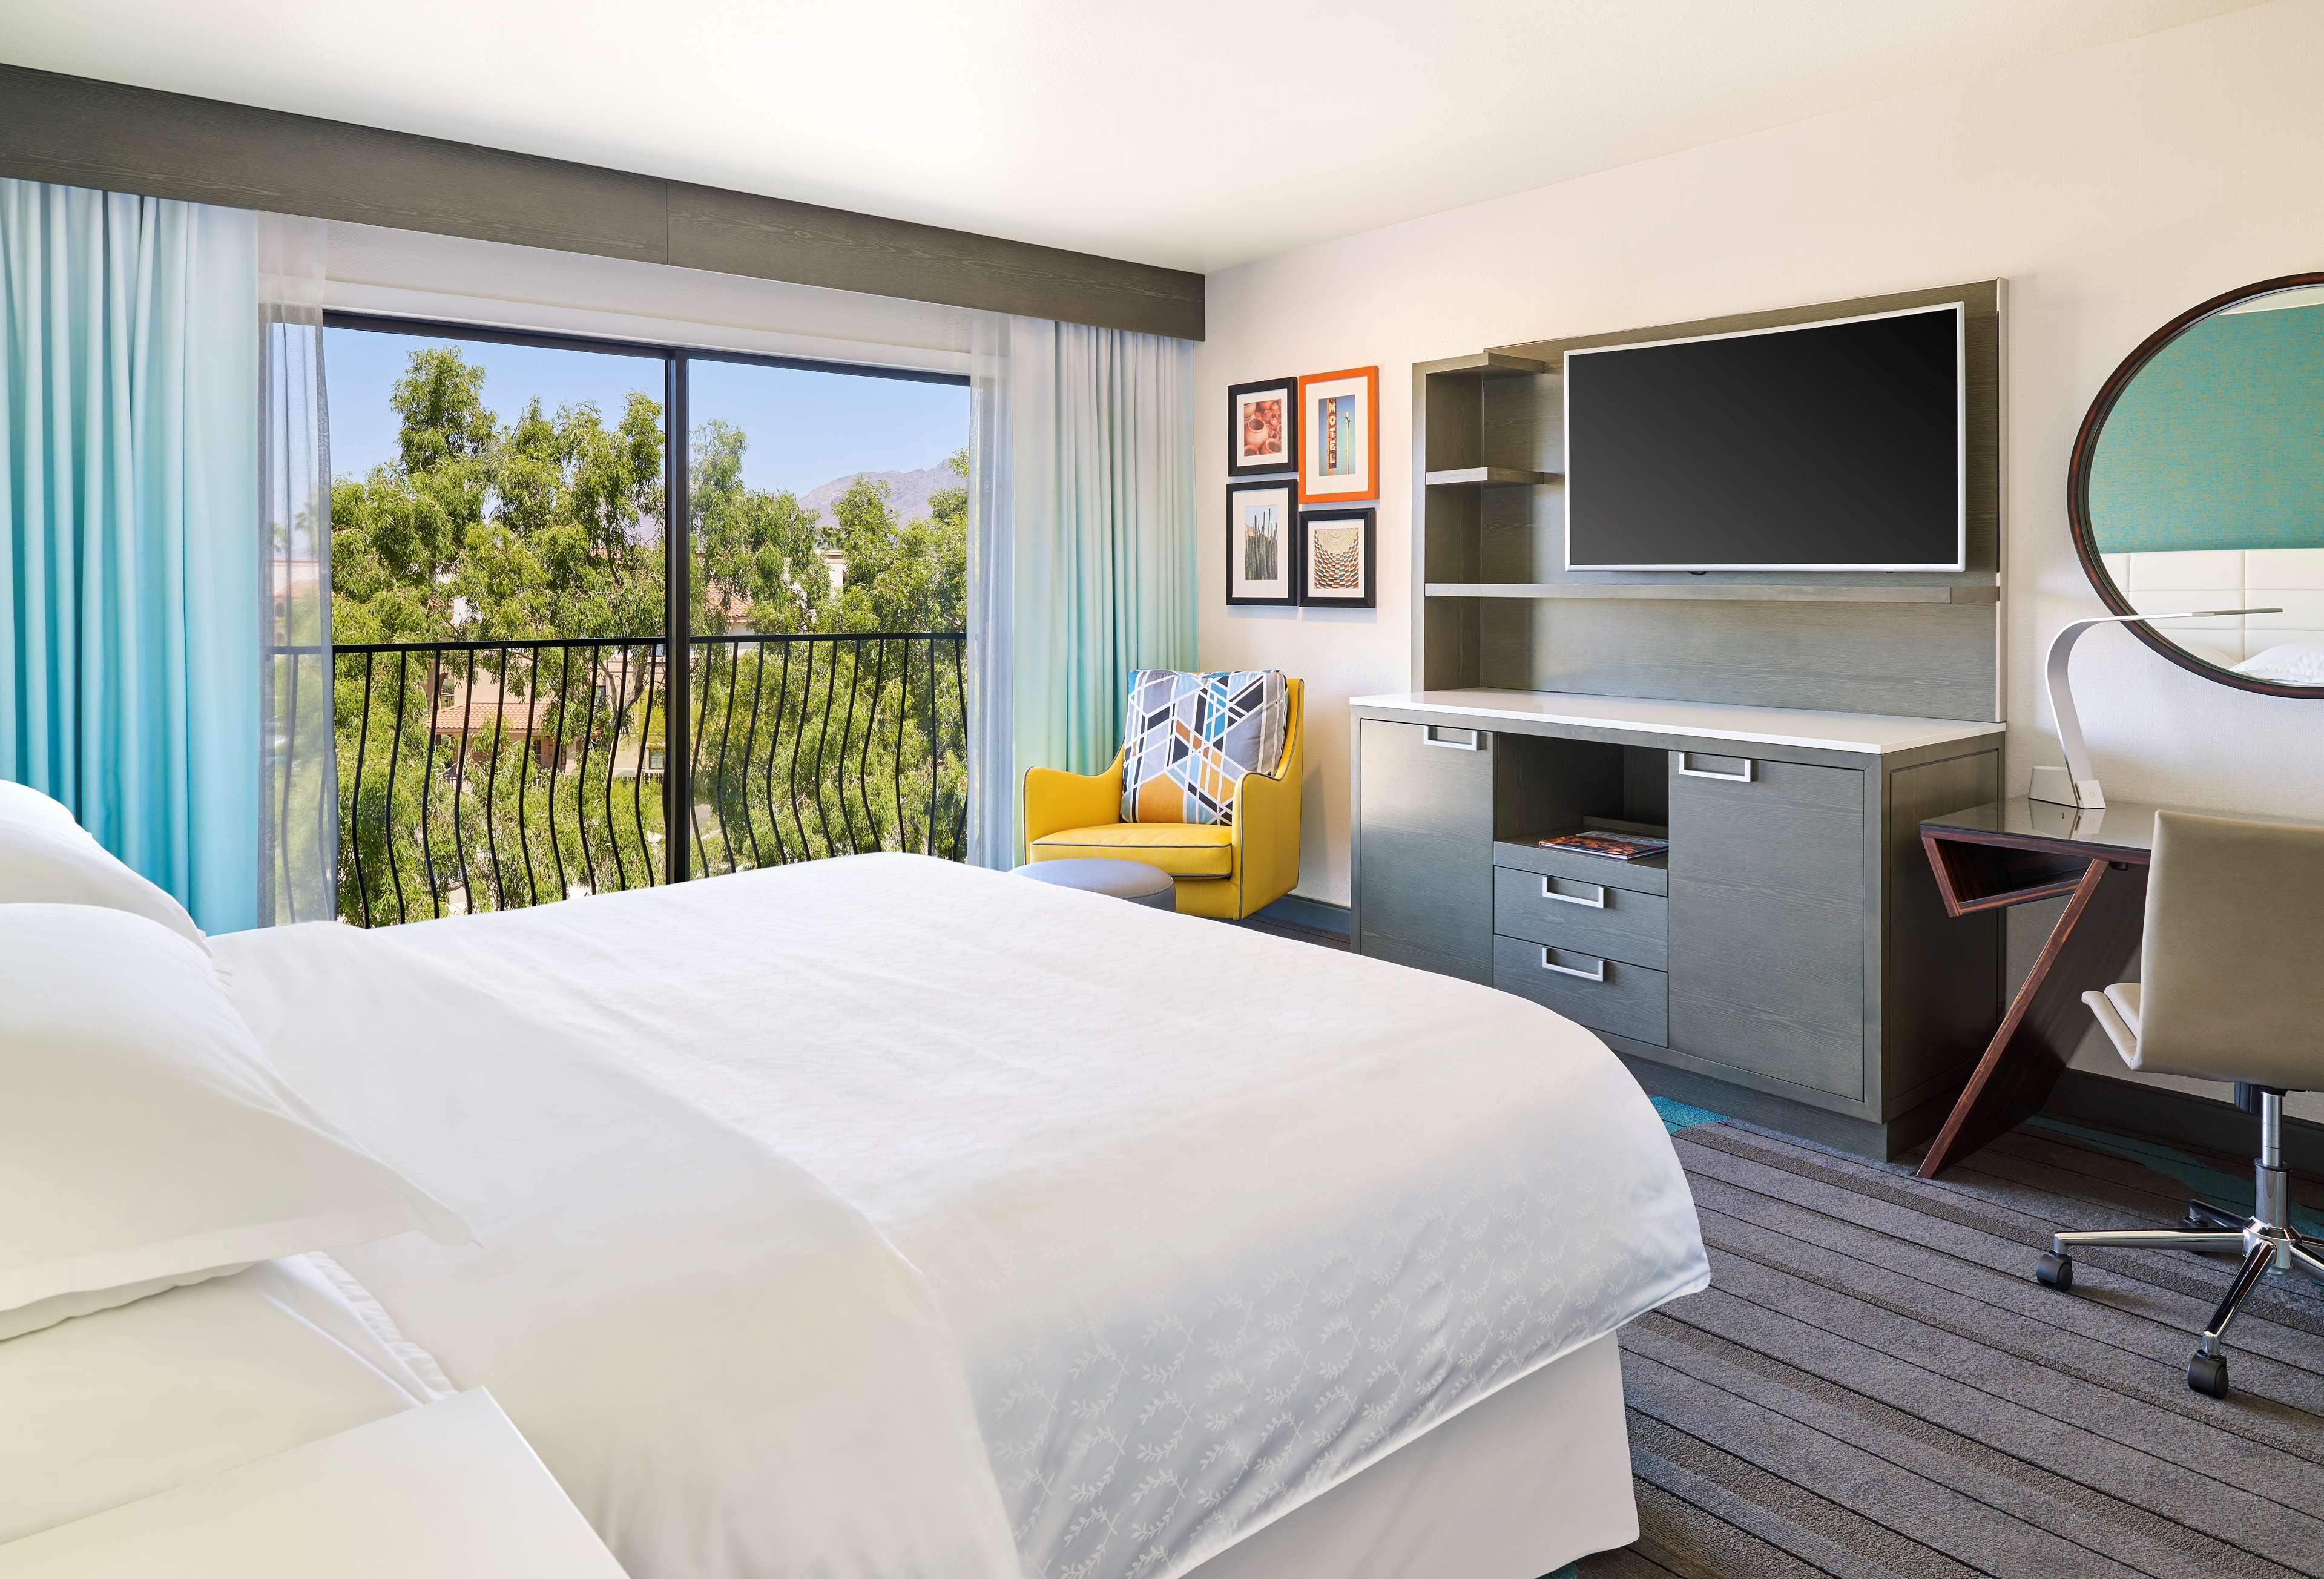 Sheraton Tucson Hotel & Suites image 18